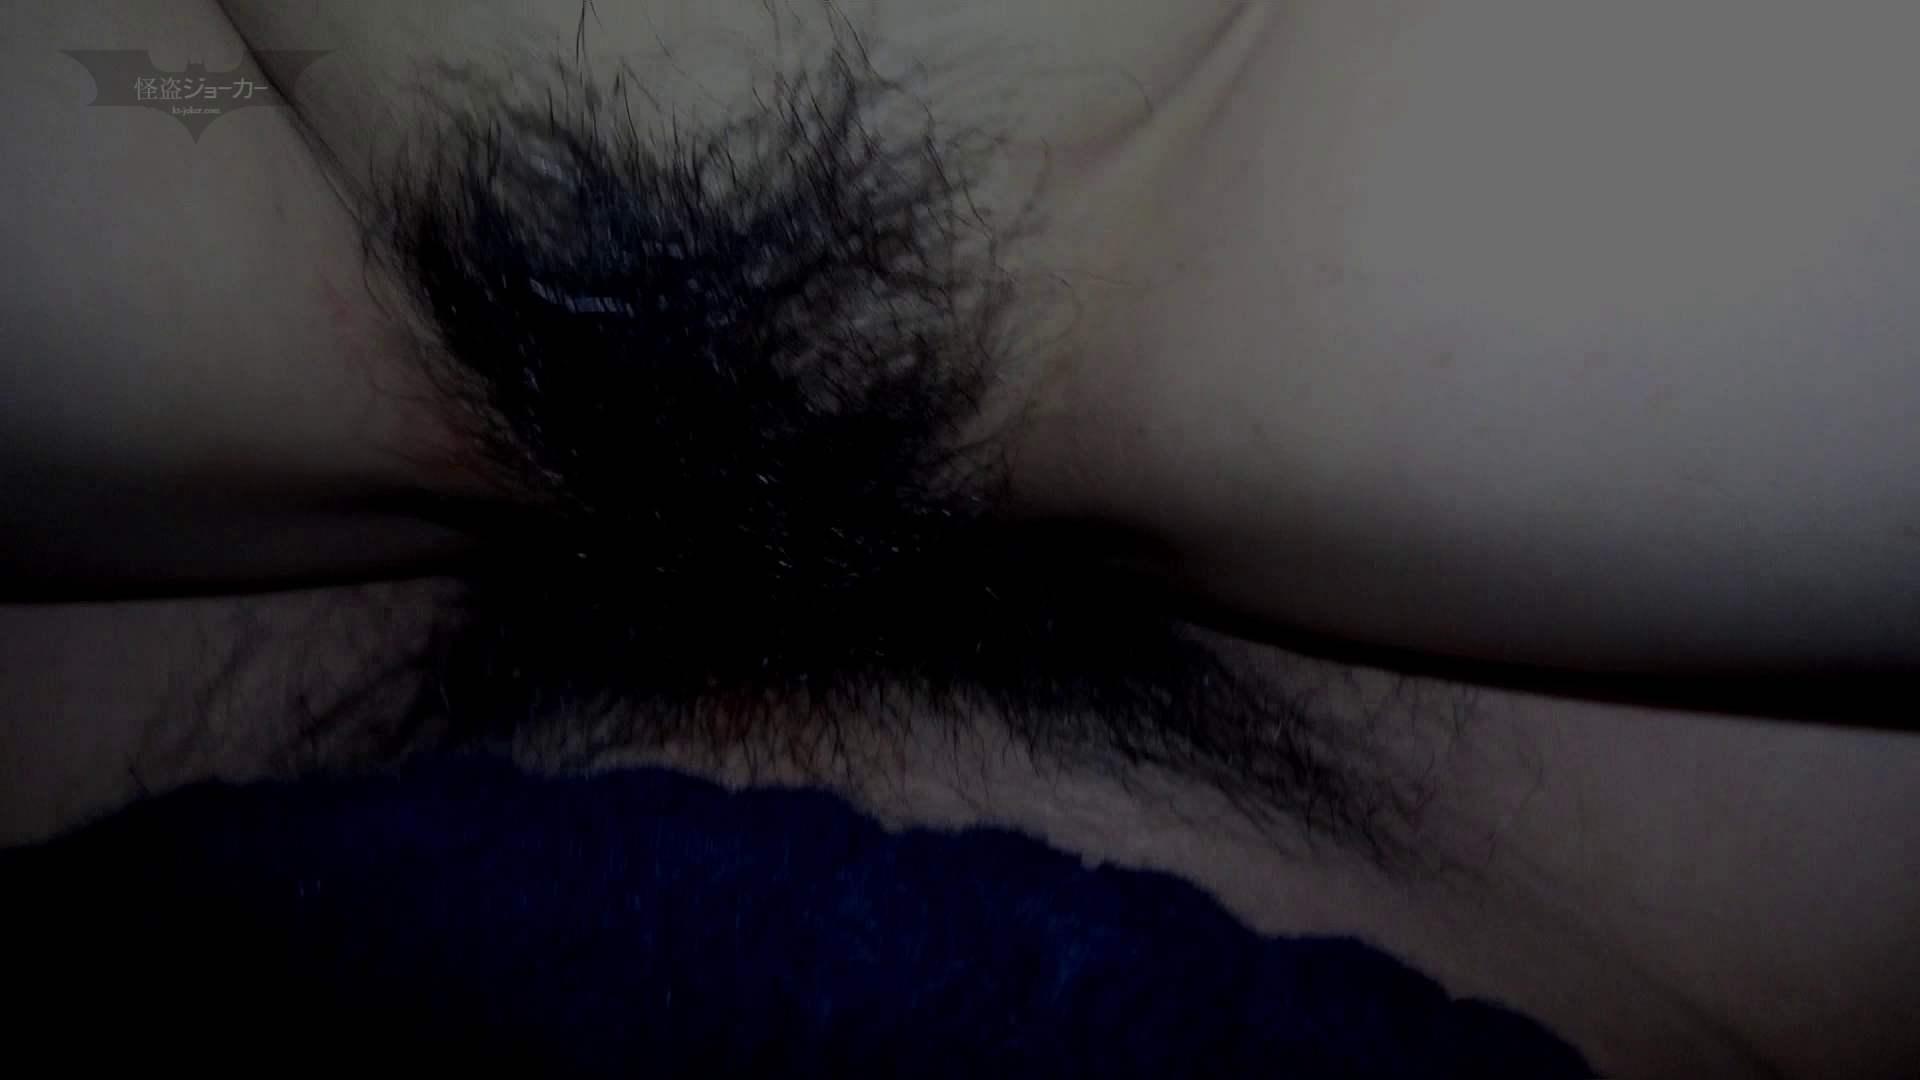 無頼漢 Vol.01 盗撮で悶絶 セックス画像 68画像 42